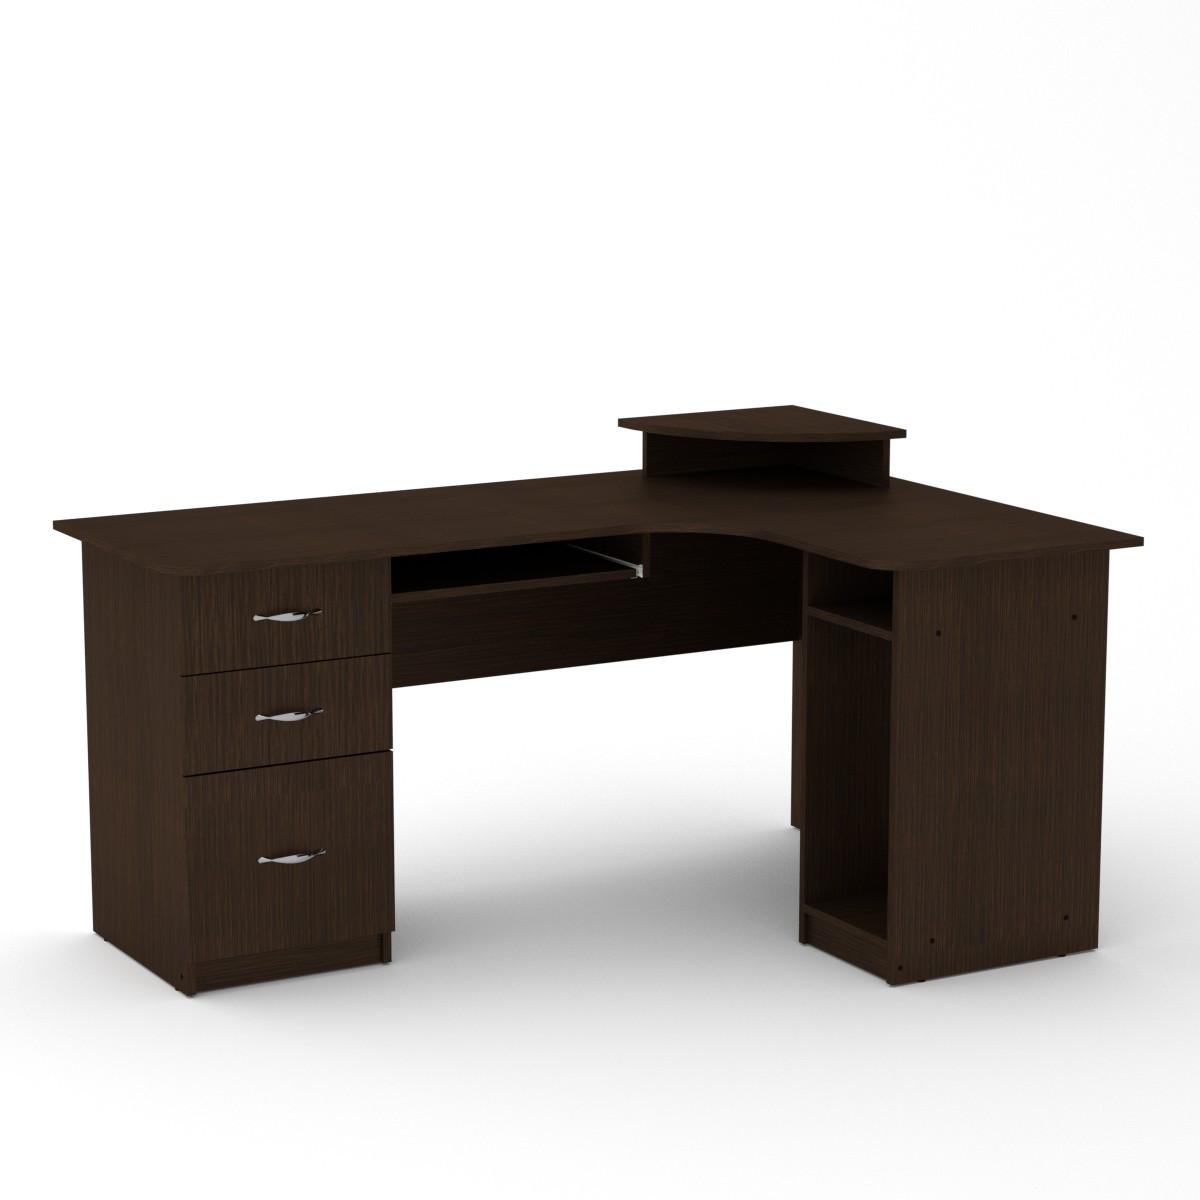 Стол компьютерный СУ-3 венге темный Компанит (160х110х87 см)